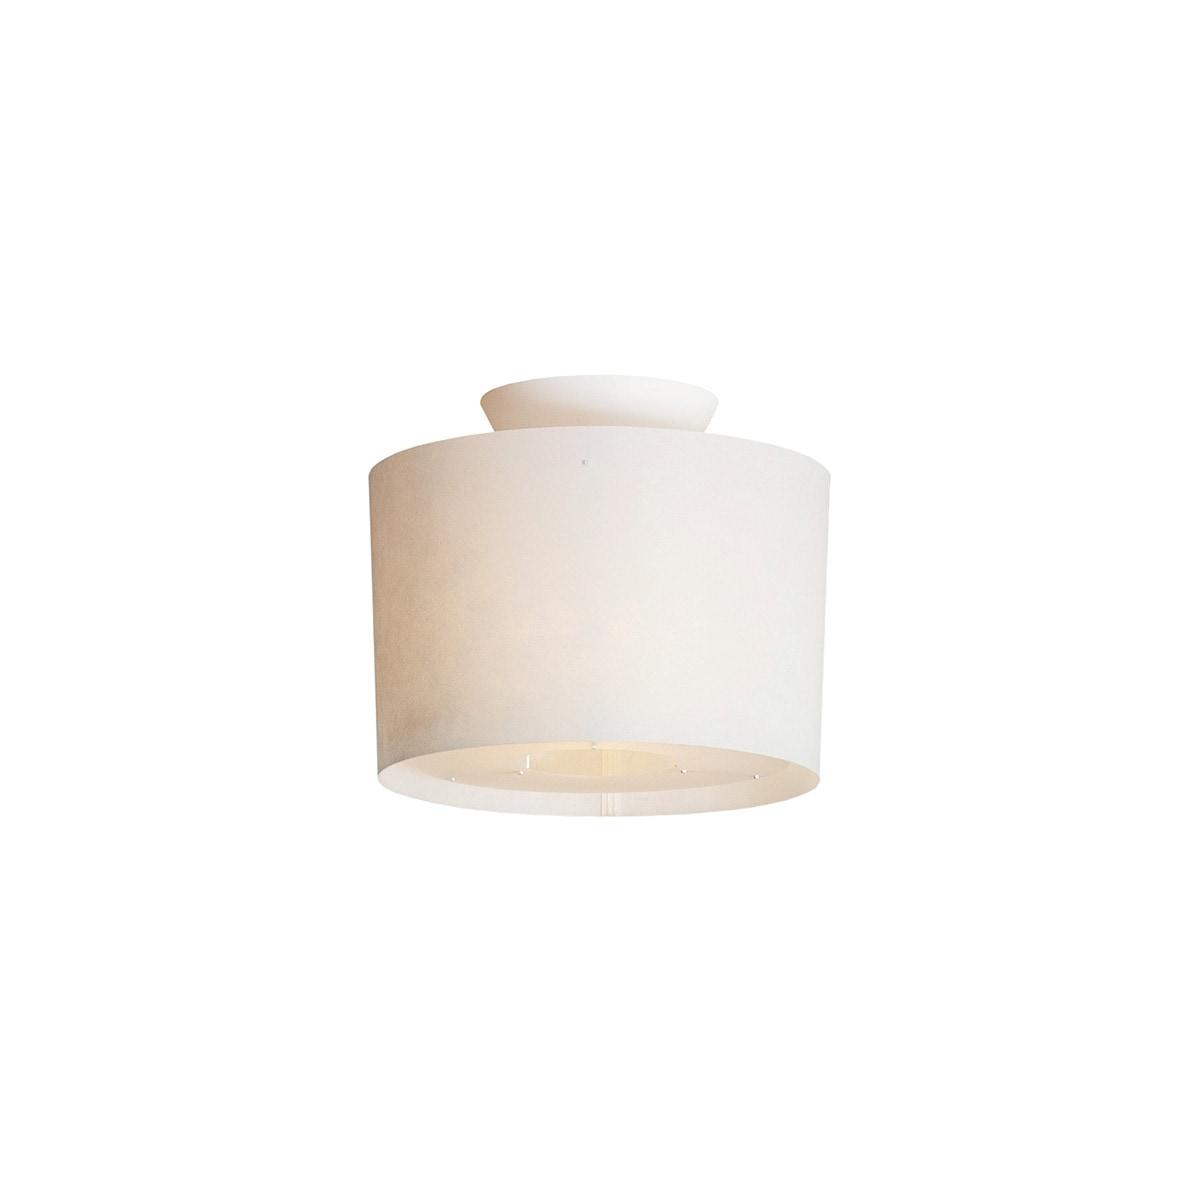 Lampe m3 stål skjermer – Biljard Import & Service